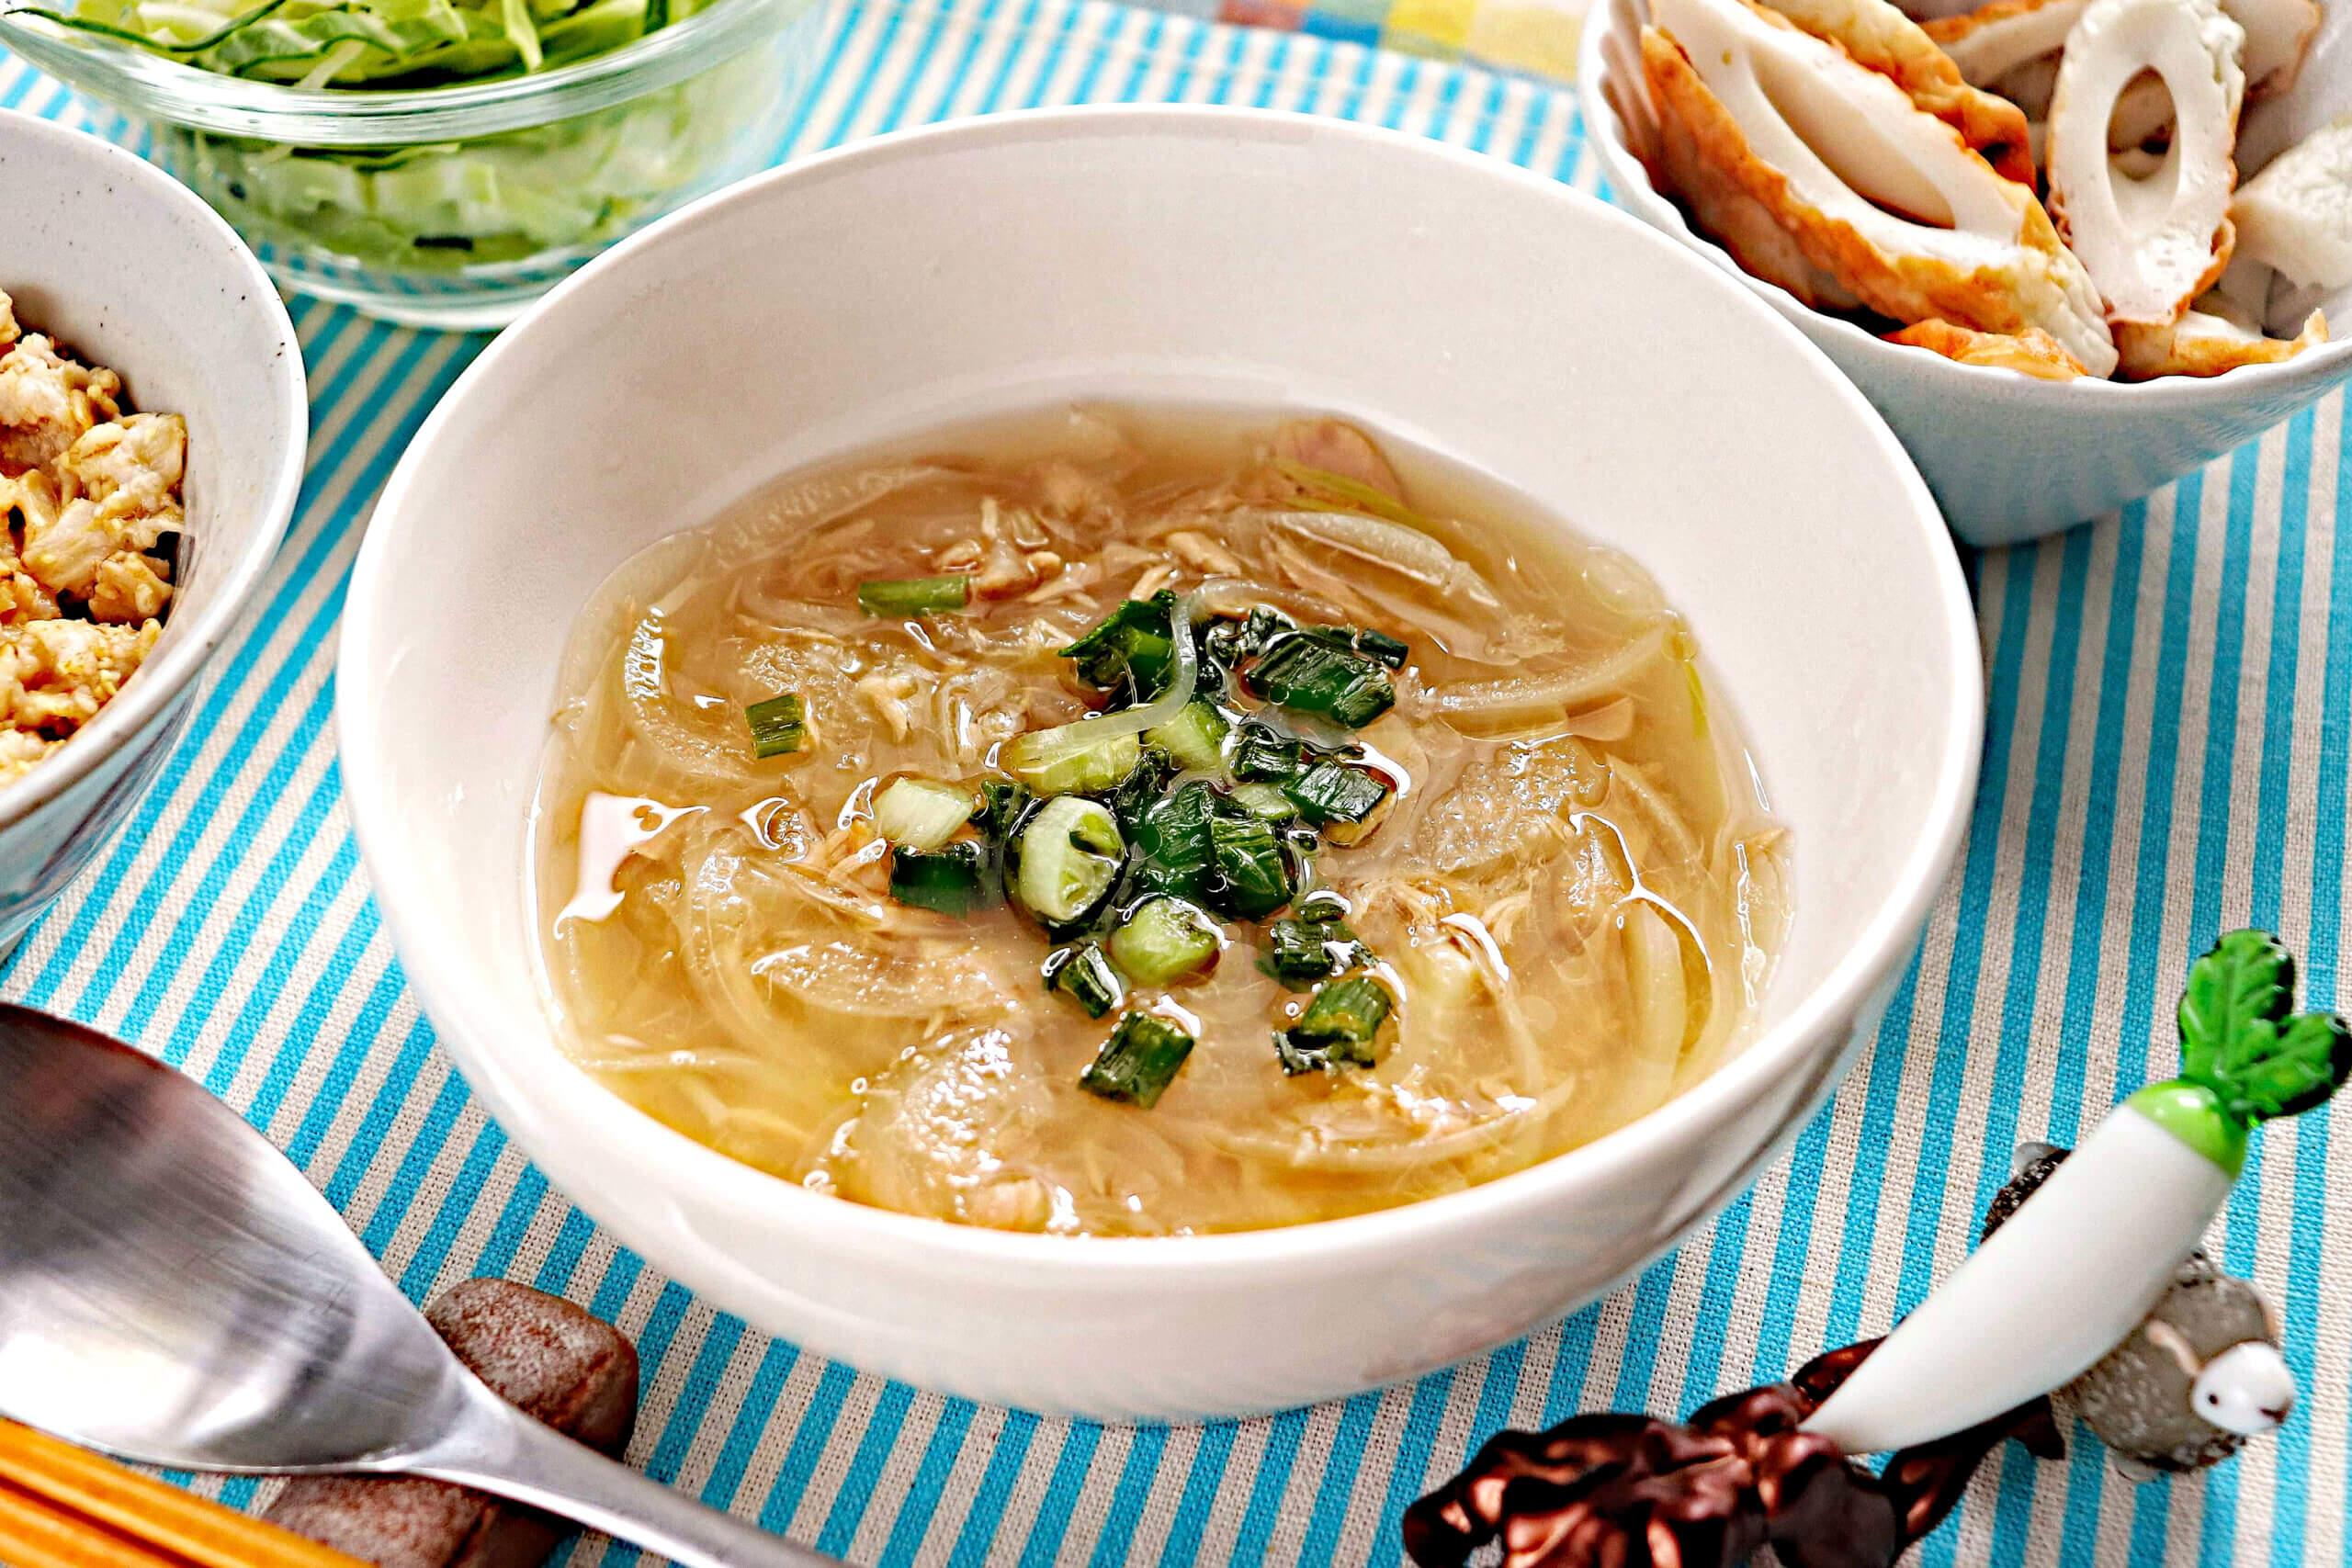 ツナと玉ねぎのめんつゆスープ